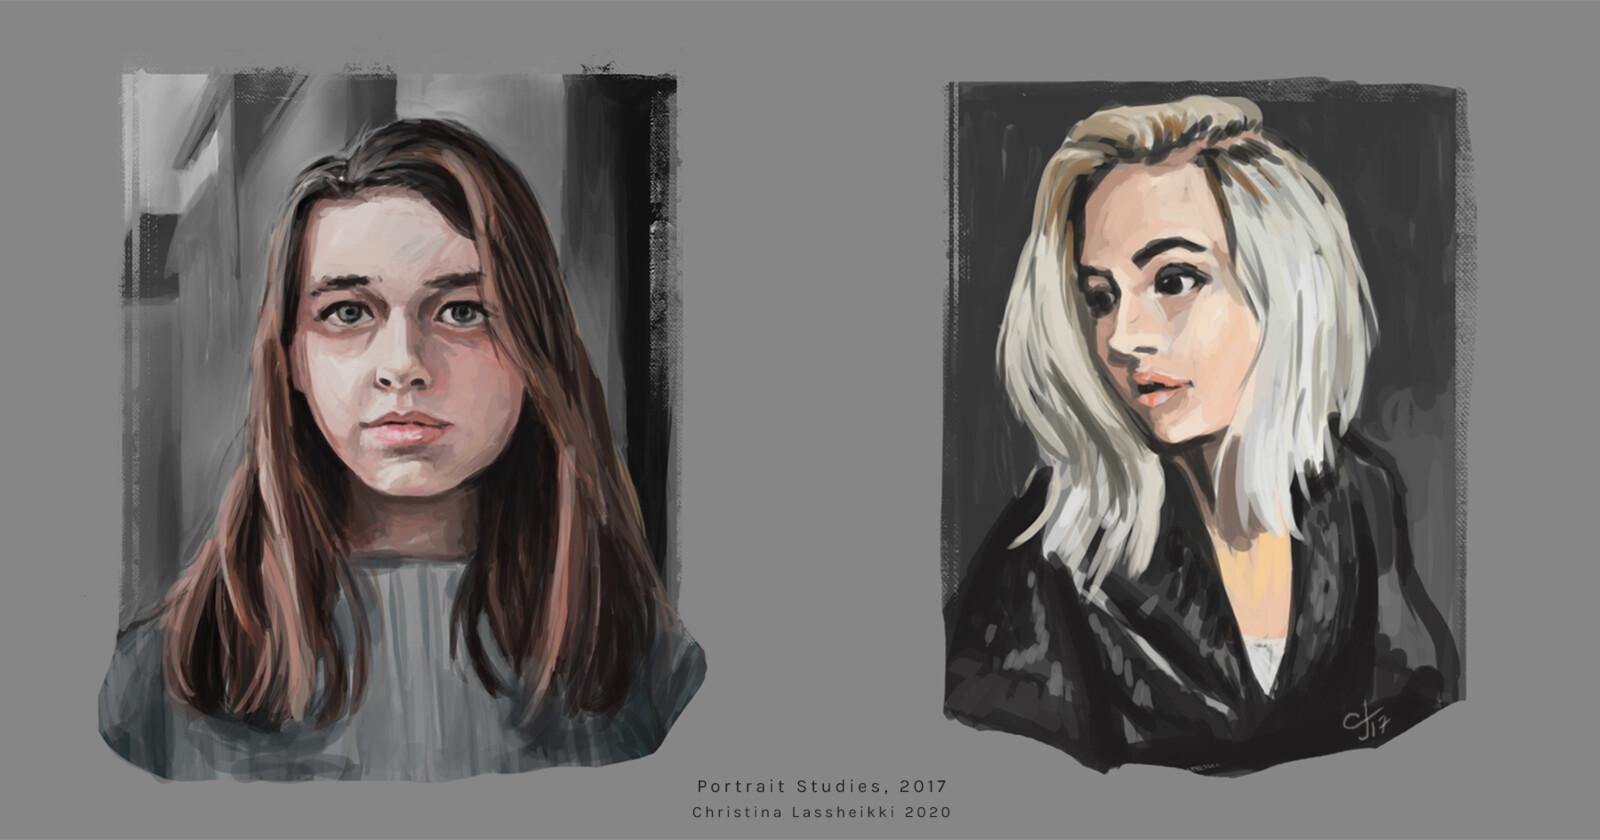 Digital painting studies, 2017.